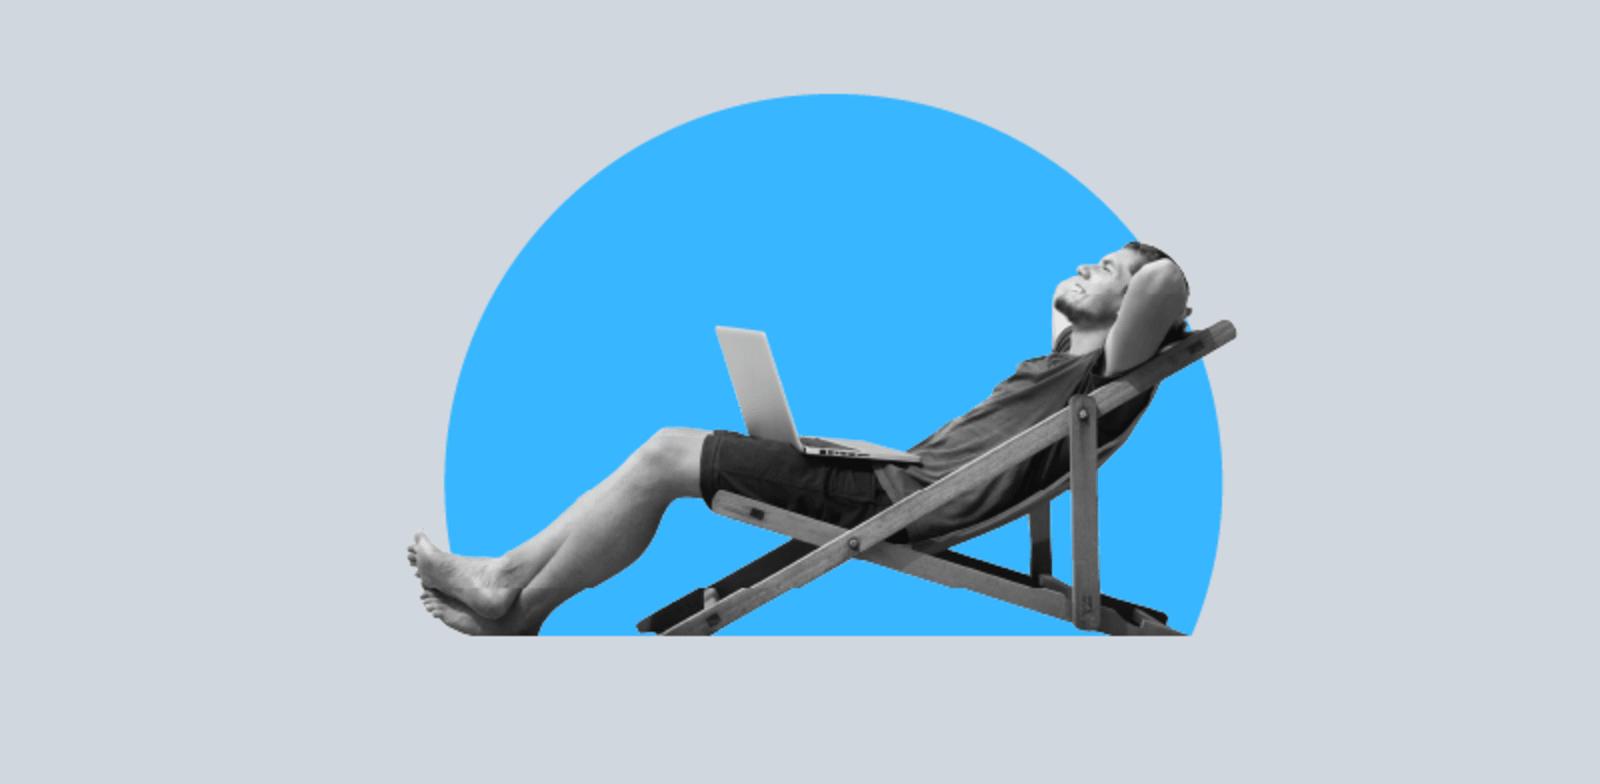 איך לבחור תחום מקצועי שיעשה אותי מאושר? / צילום: Shutterstock